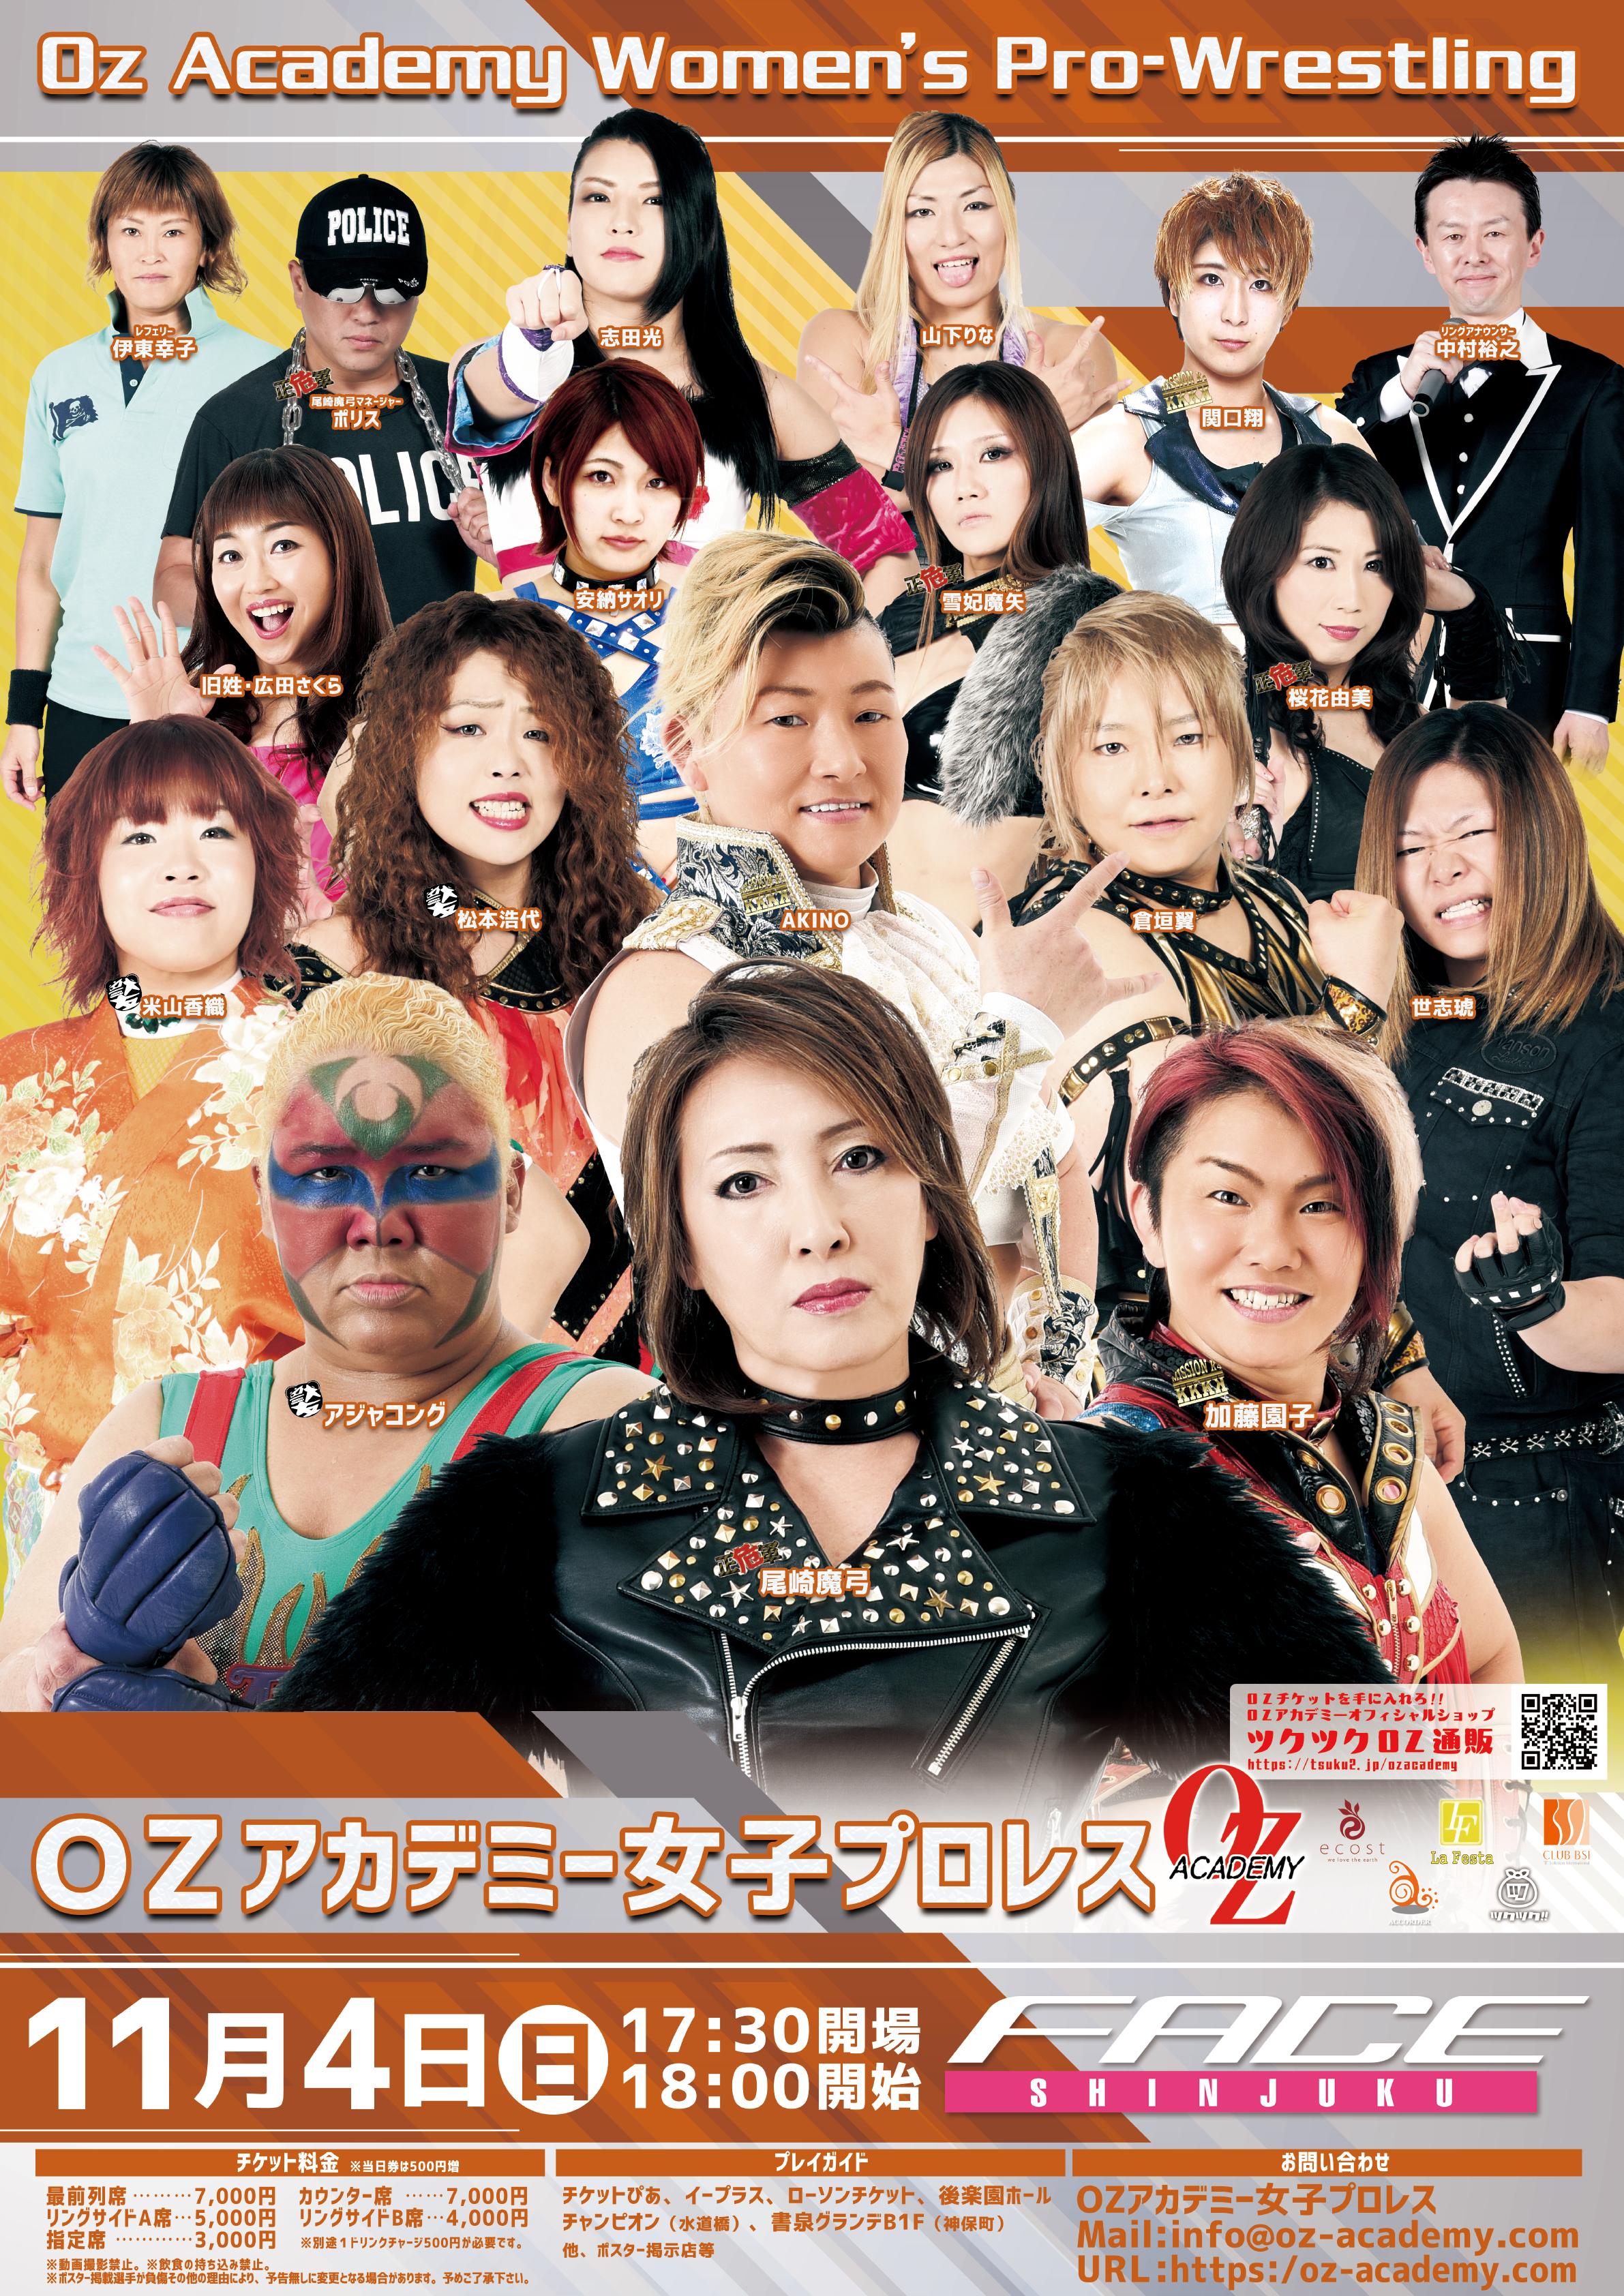 OZアカデミー - 女子プロレス - ...